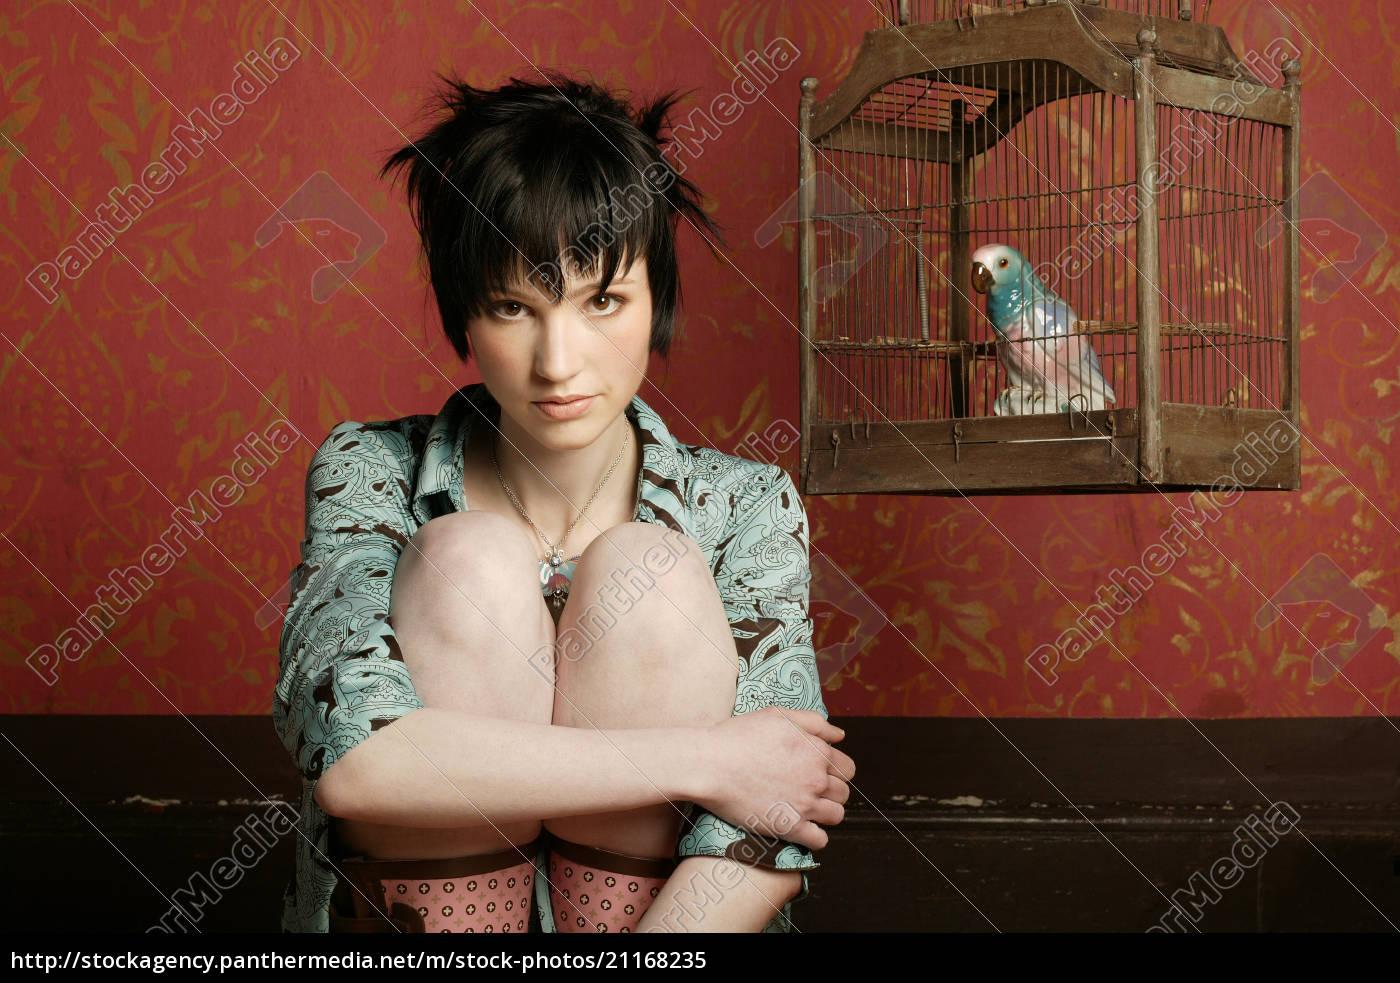 junge, frau, vom, papagei, im, käfig, porträt, retrostil - 21168235